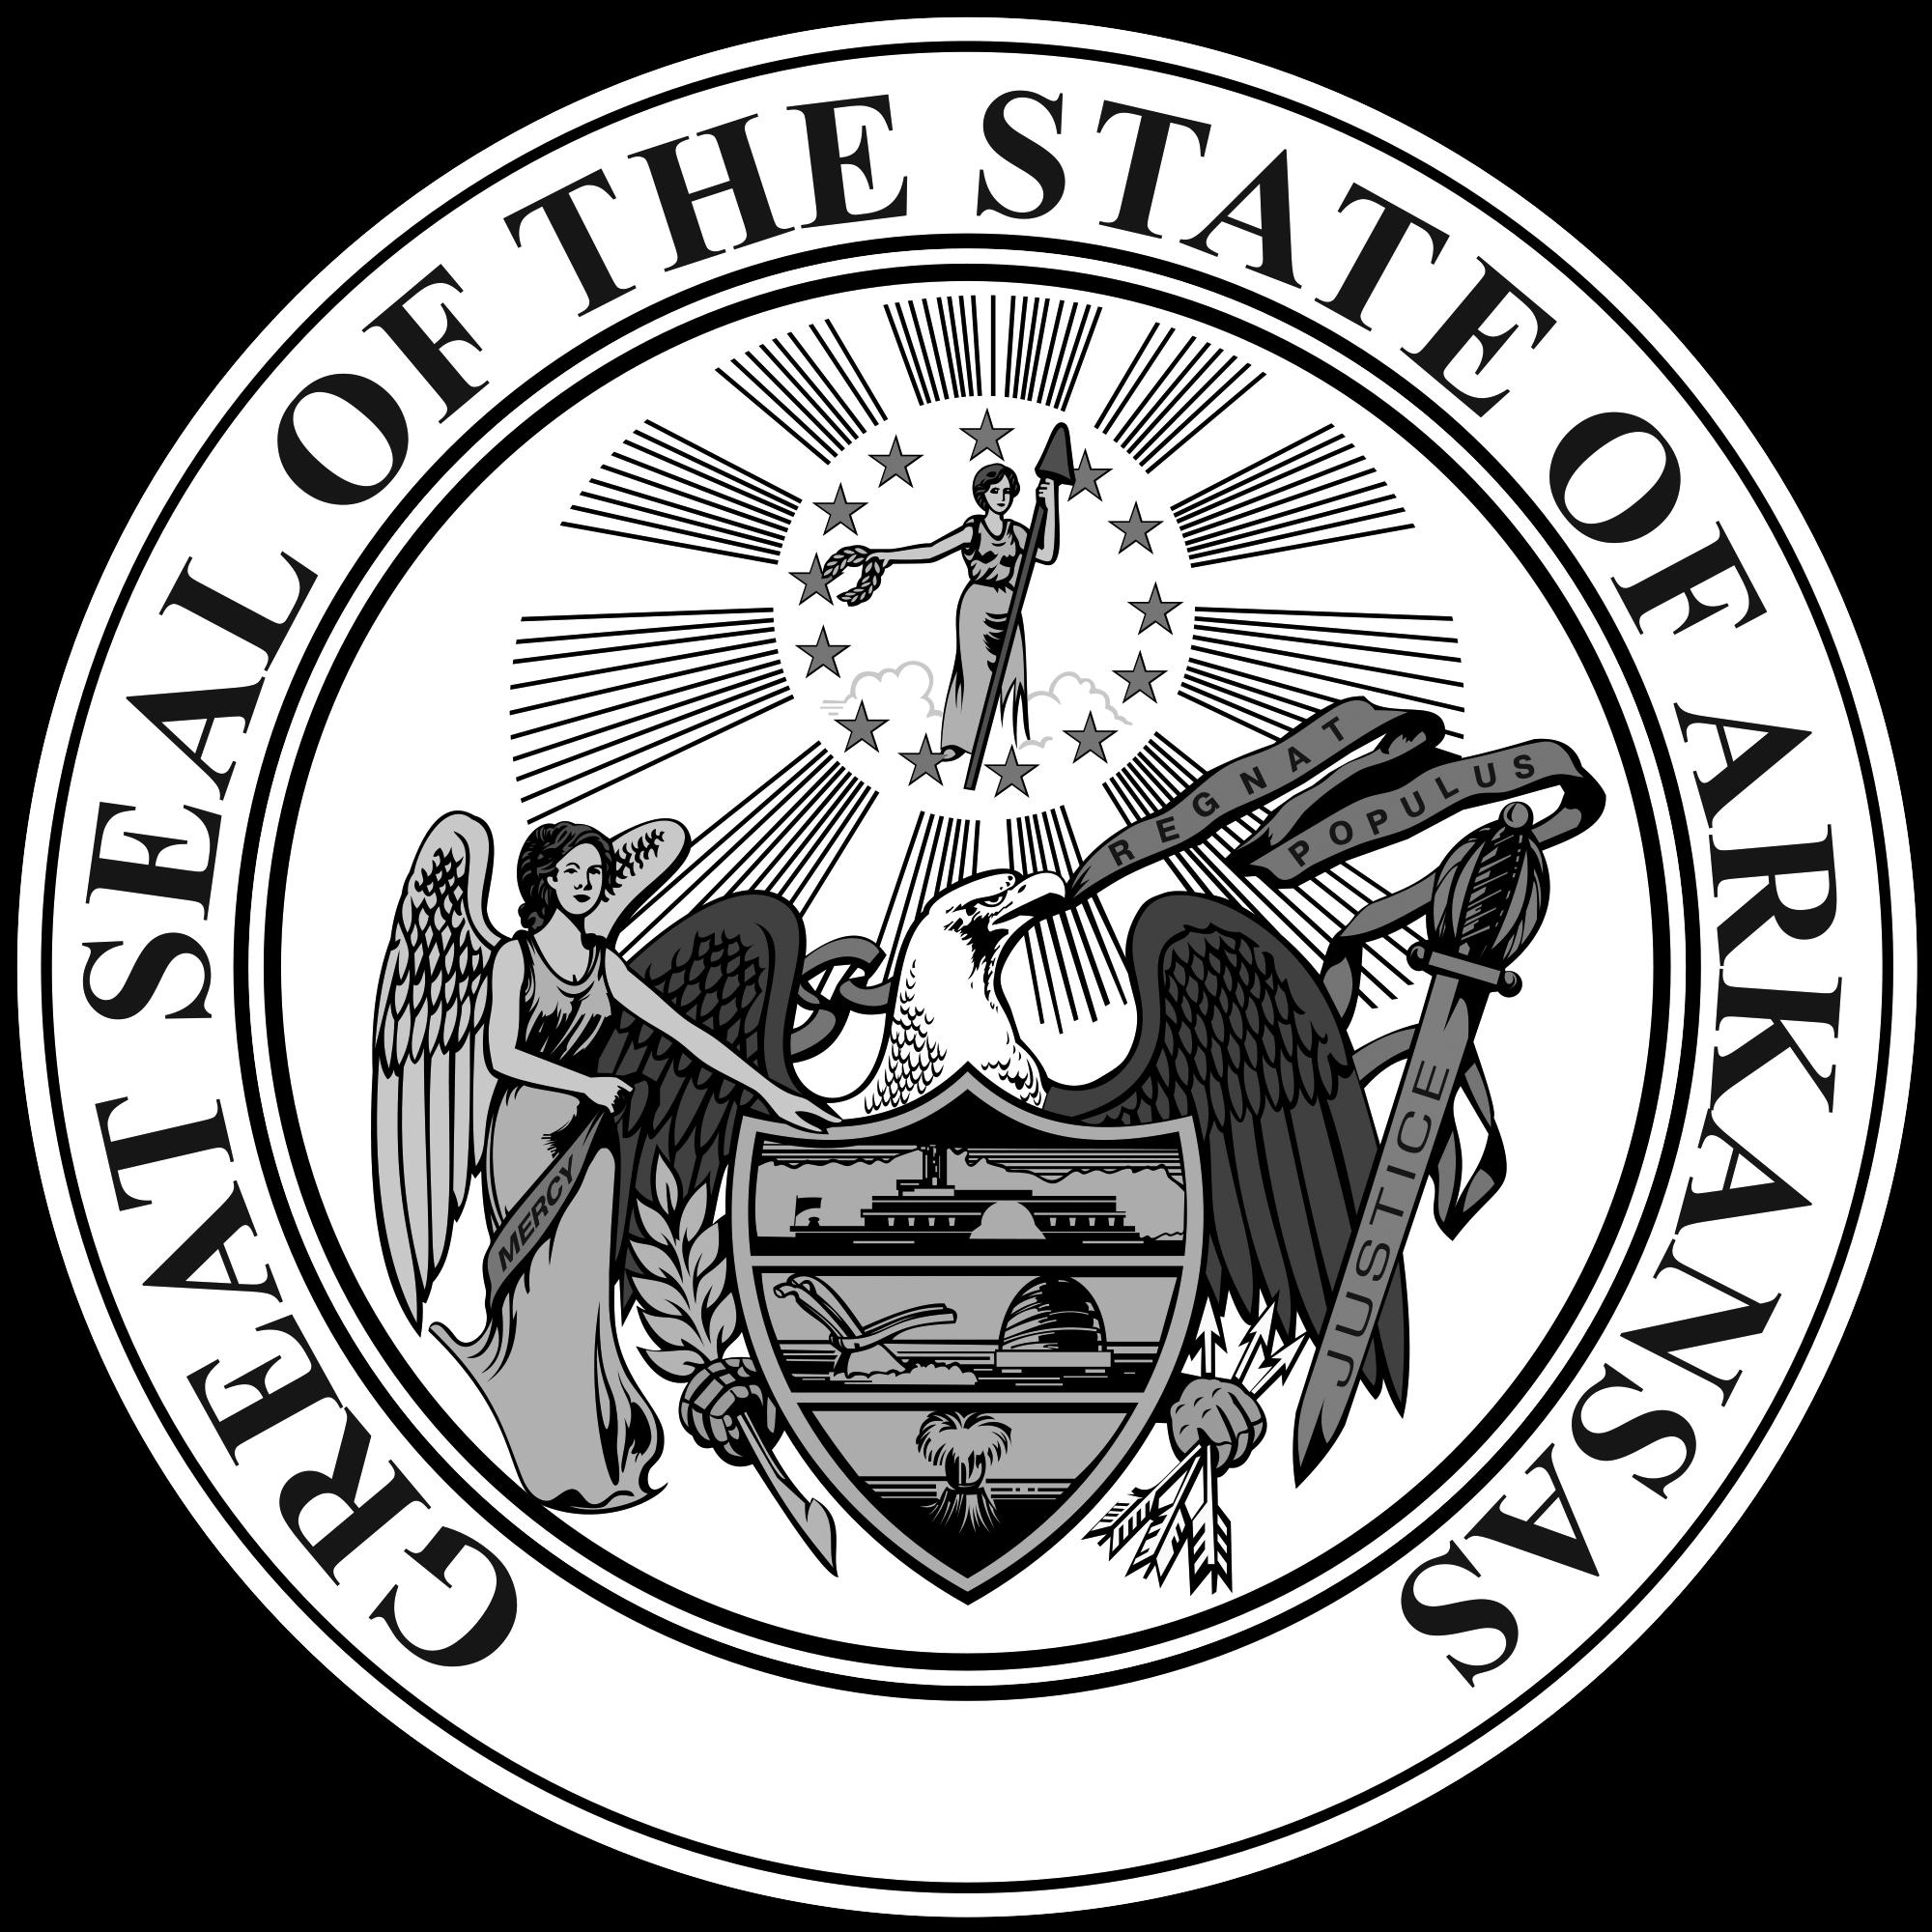 State of Arkansas SIEM Program